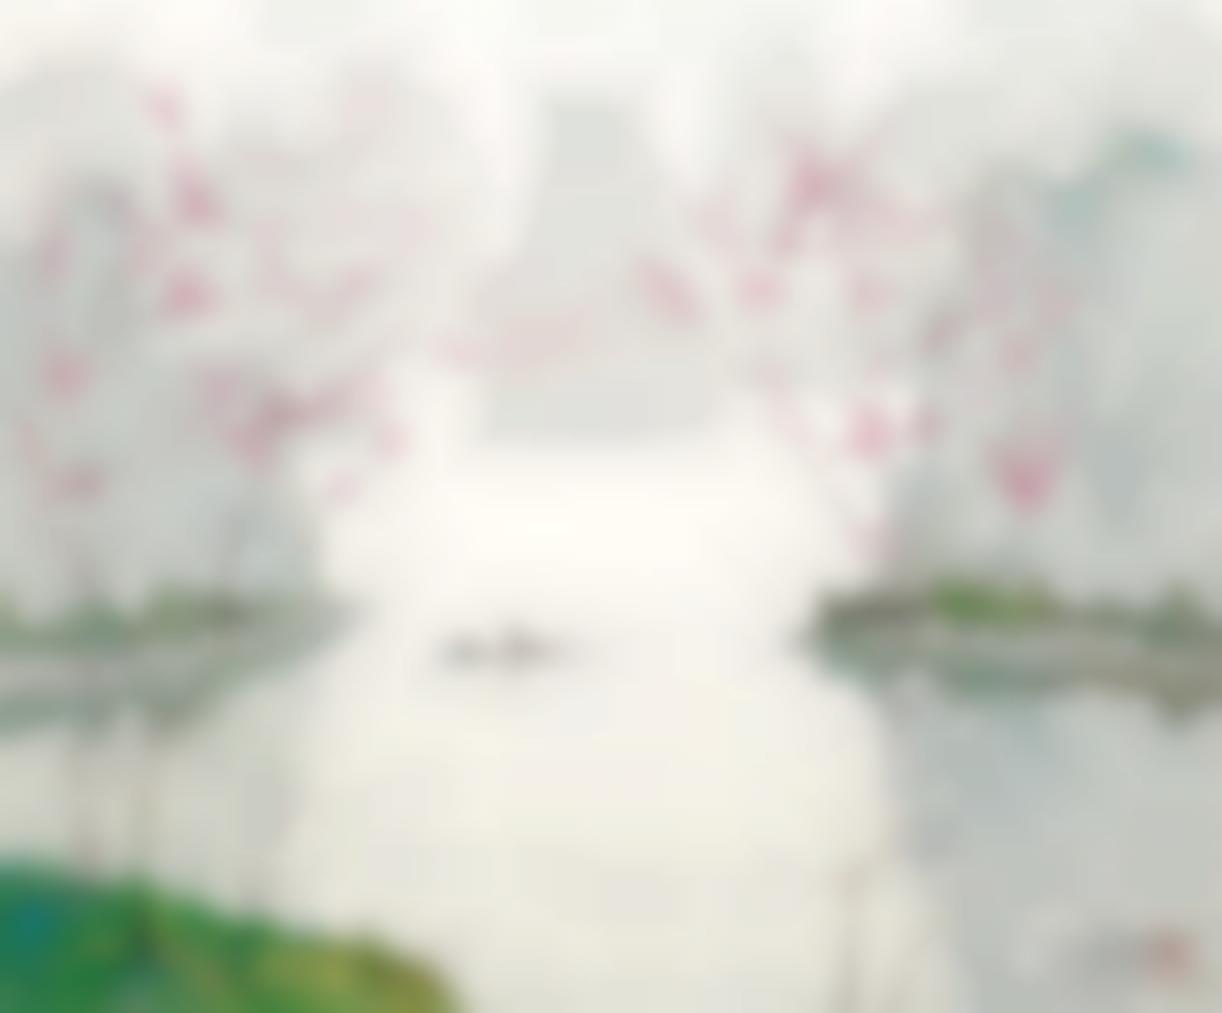 Pang Jiun-Spring Scenery-2011